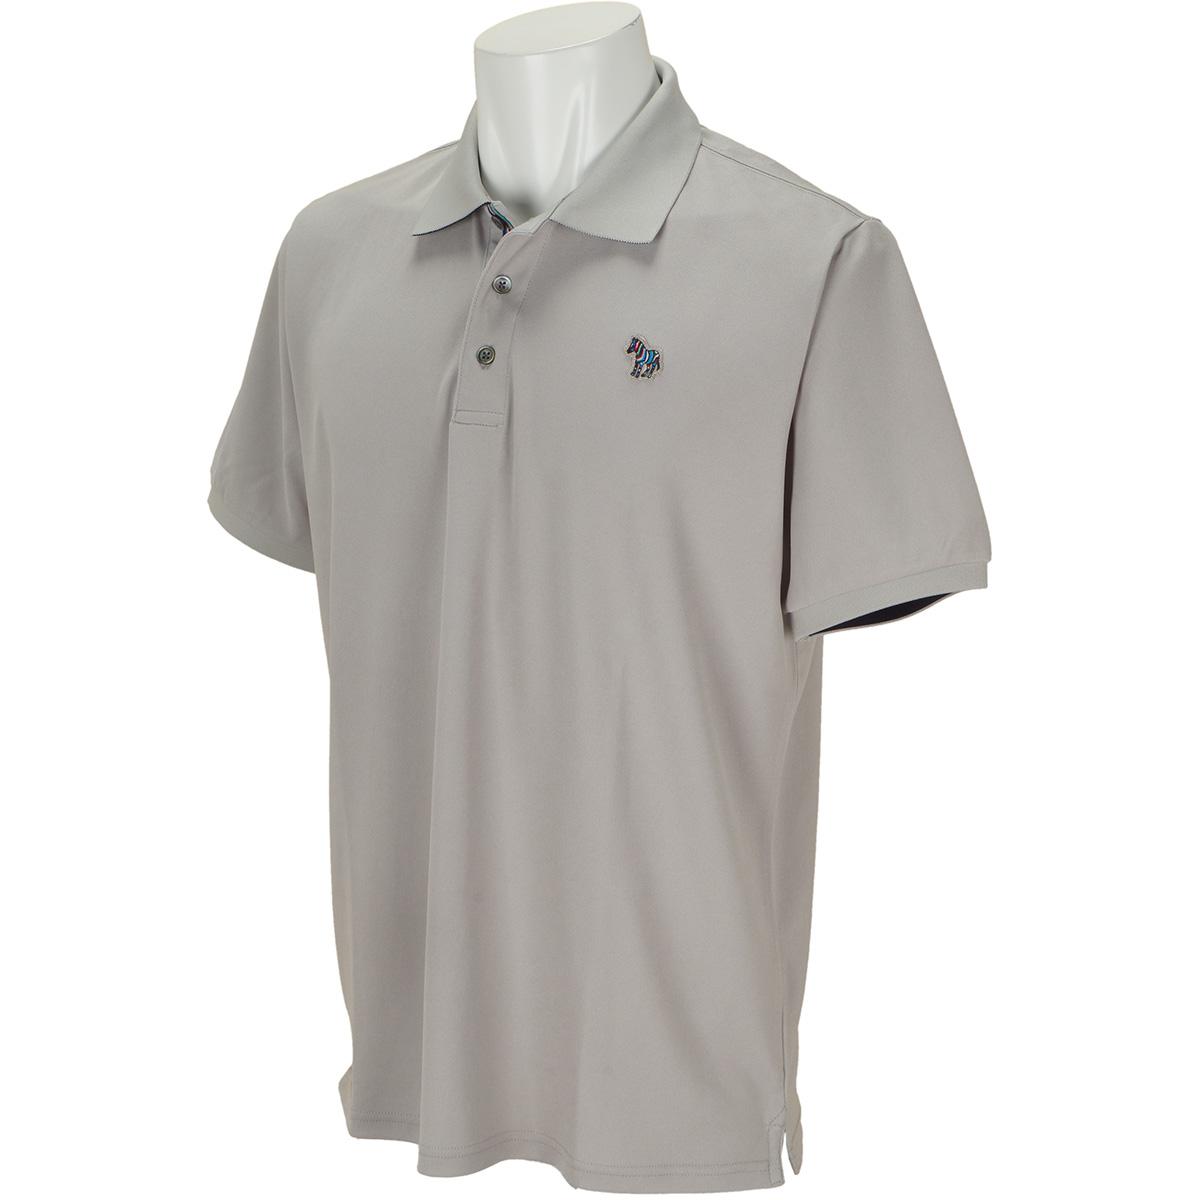 ゼブラワッペン 半袖ポロシャツ